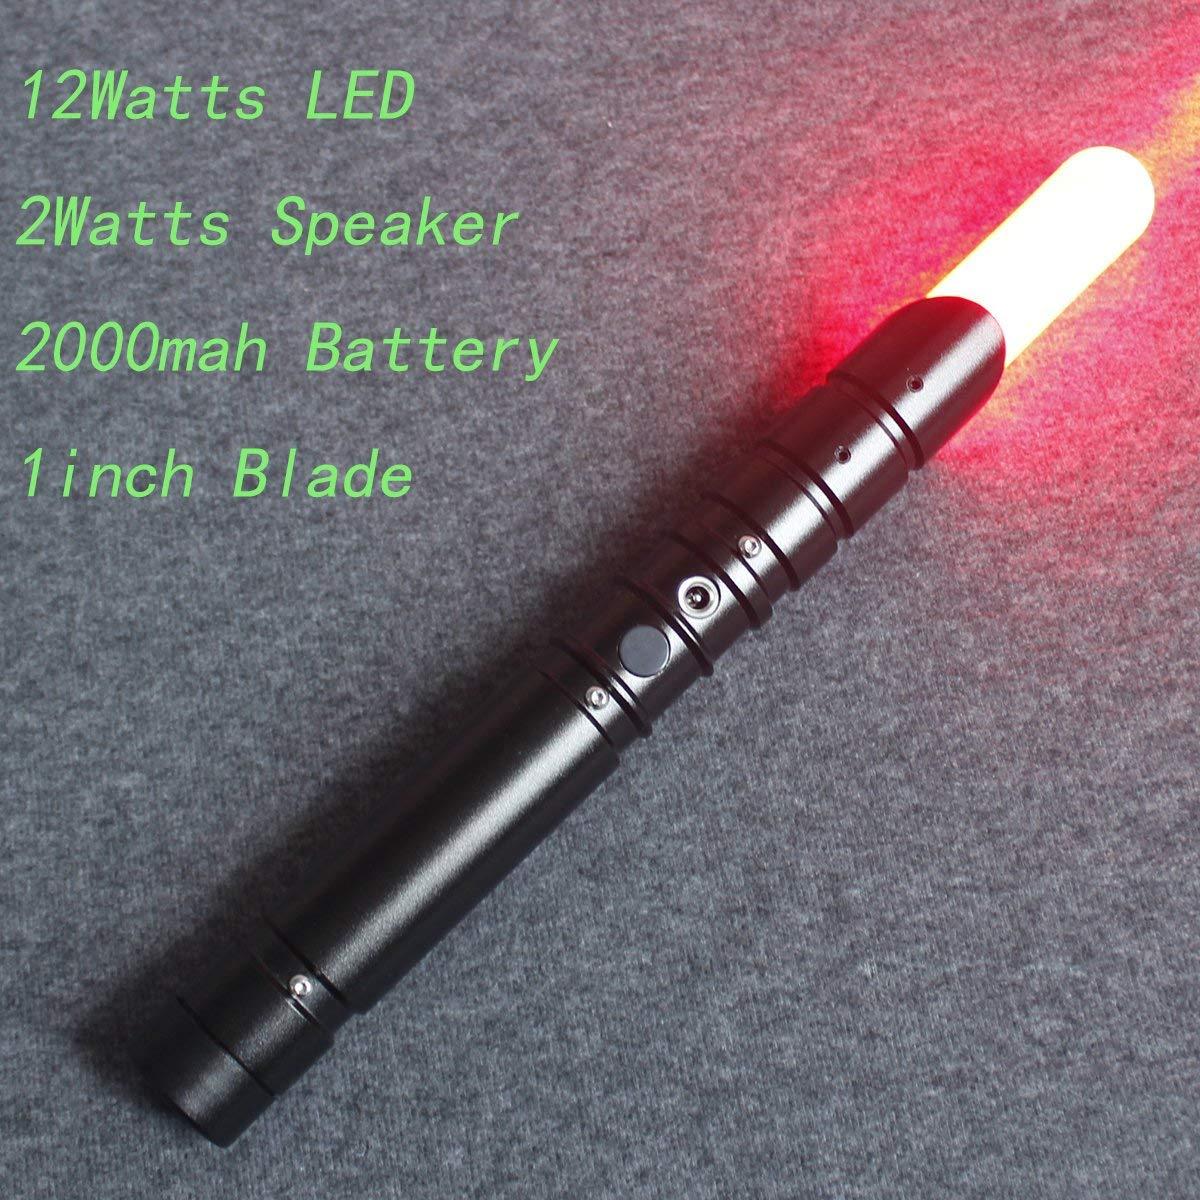 YDD Yddsaber Fx Lightsaber Toy Star Wars Saber Force Lightsaber with Sound and Light, Metal Hilt (Black hilt Blue Blade) by YDD (Image #4)